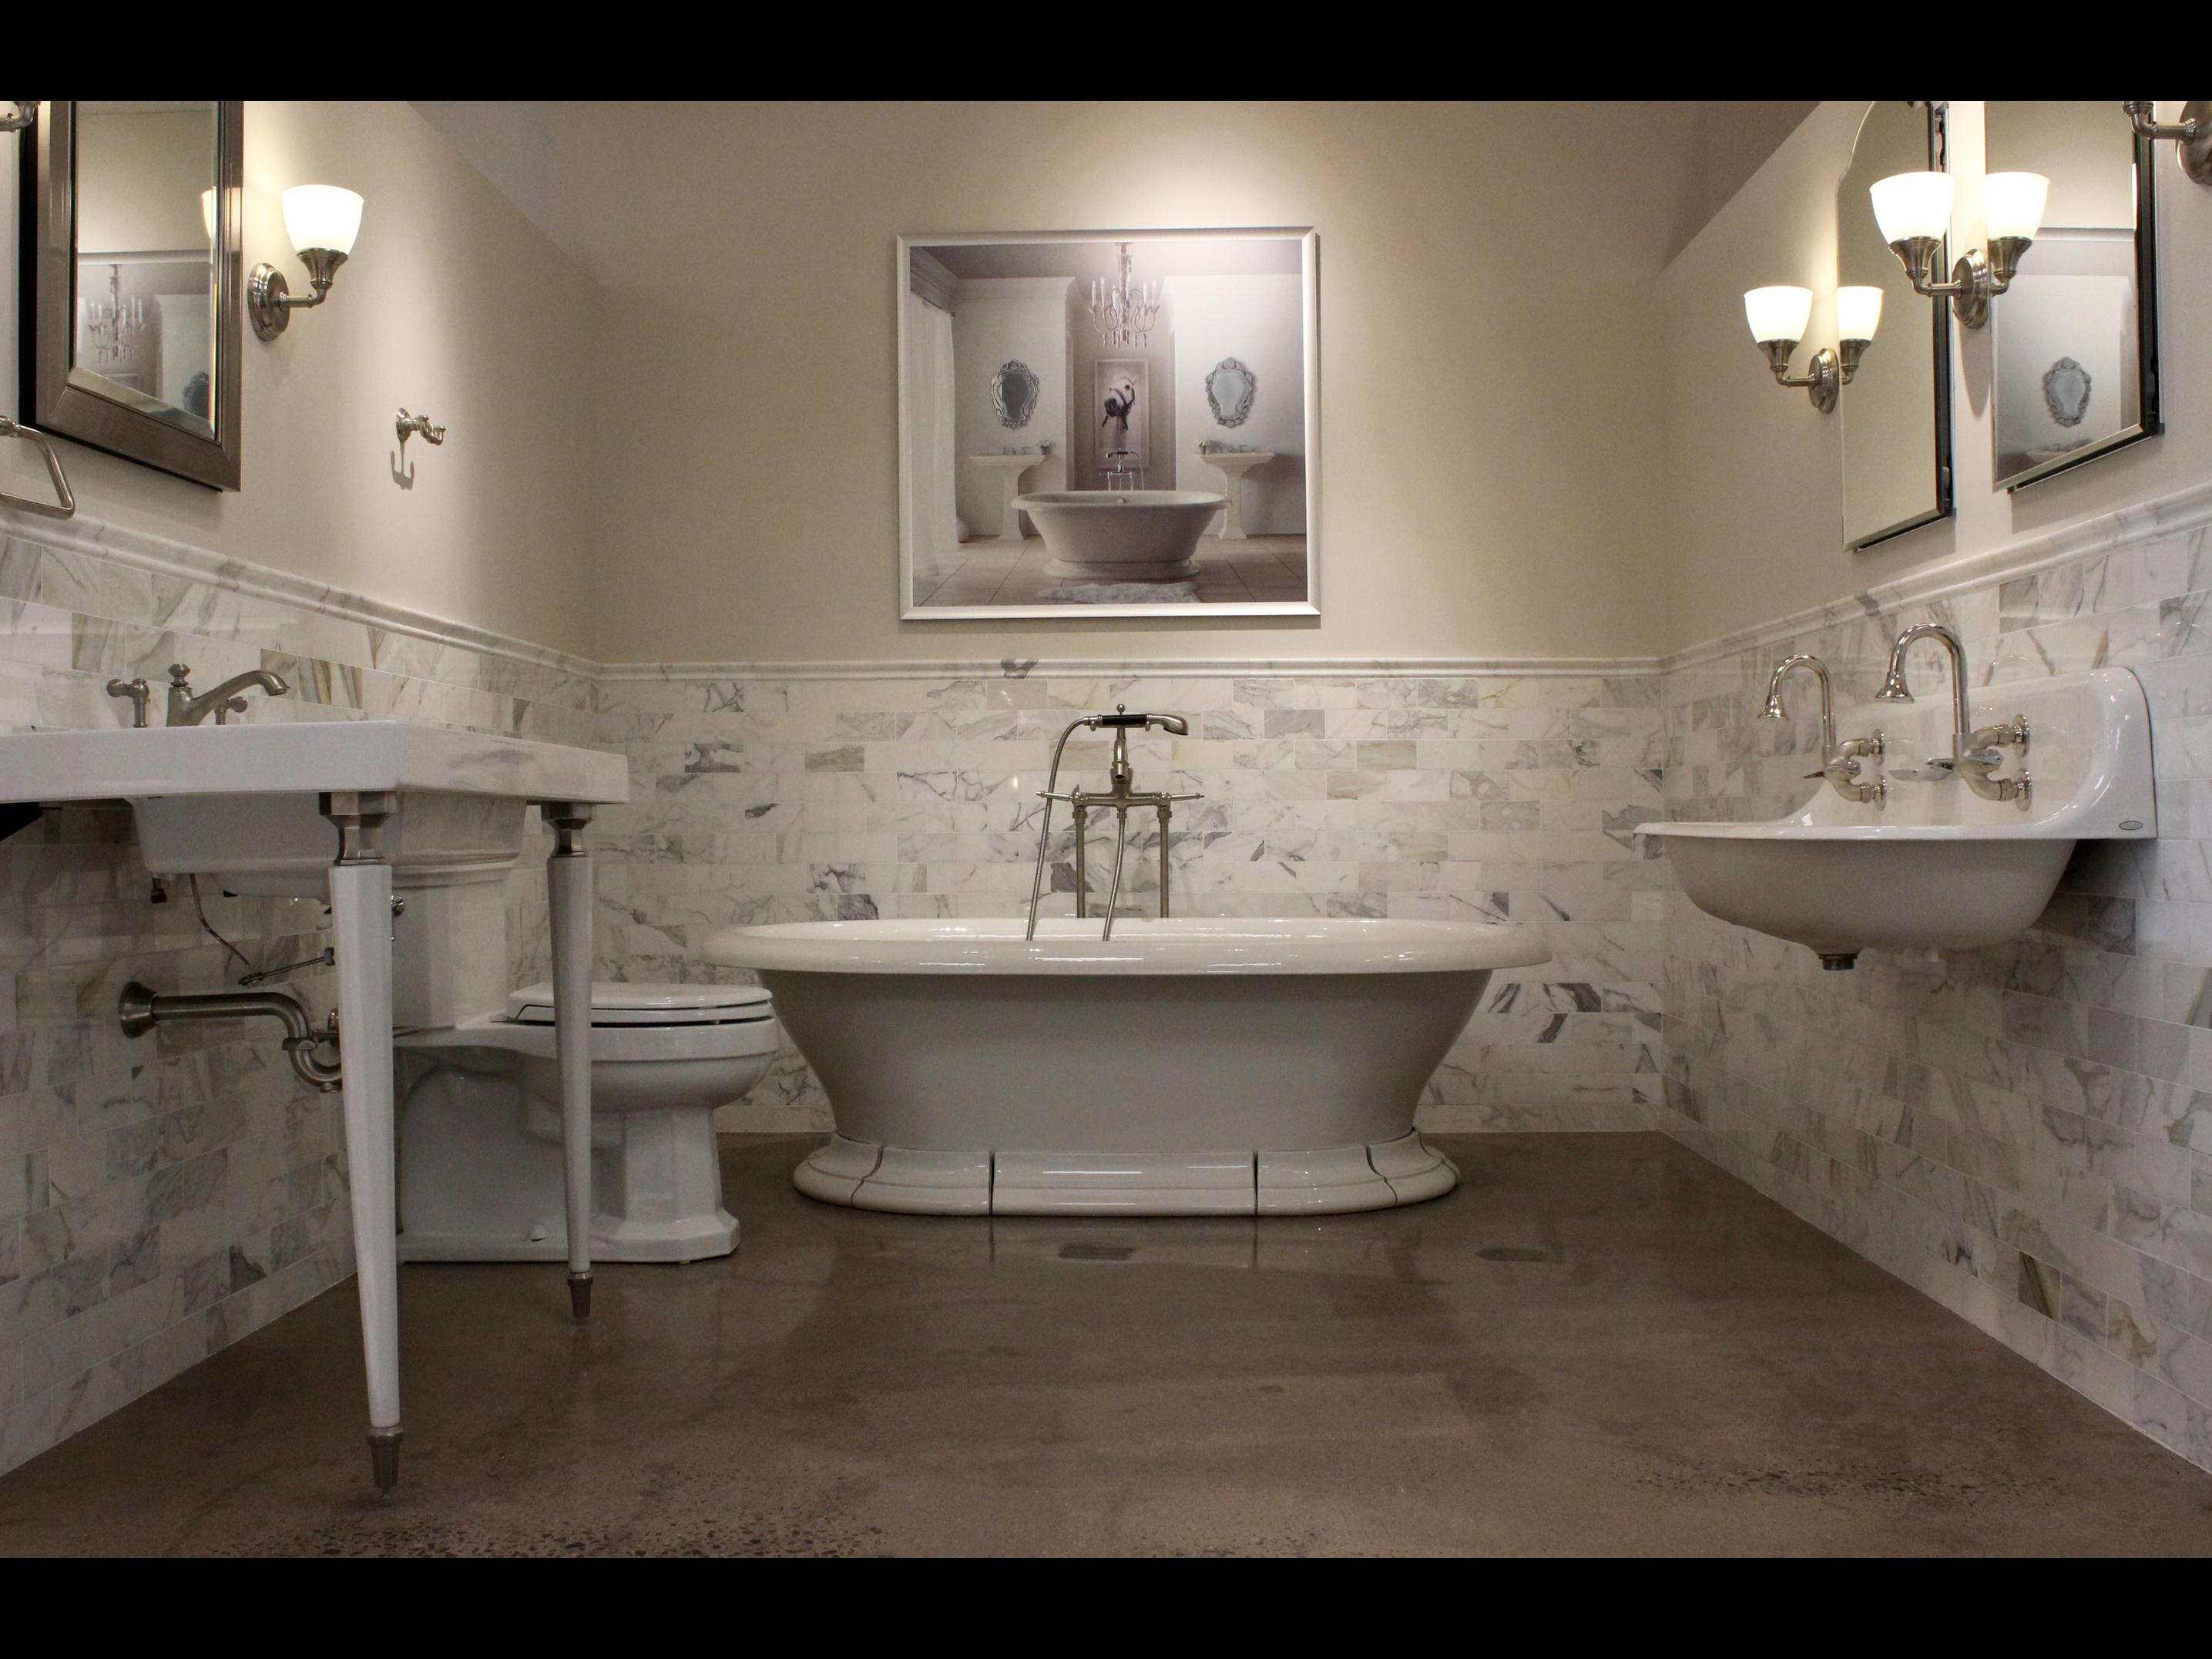 Kohler Bathroom Kitchen Products At Waterware Kitchen Bath Designer Showrooms In Hartford Ct